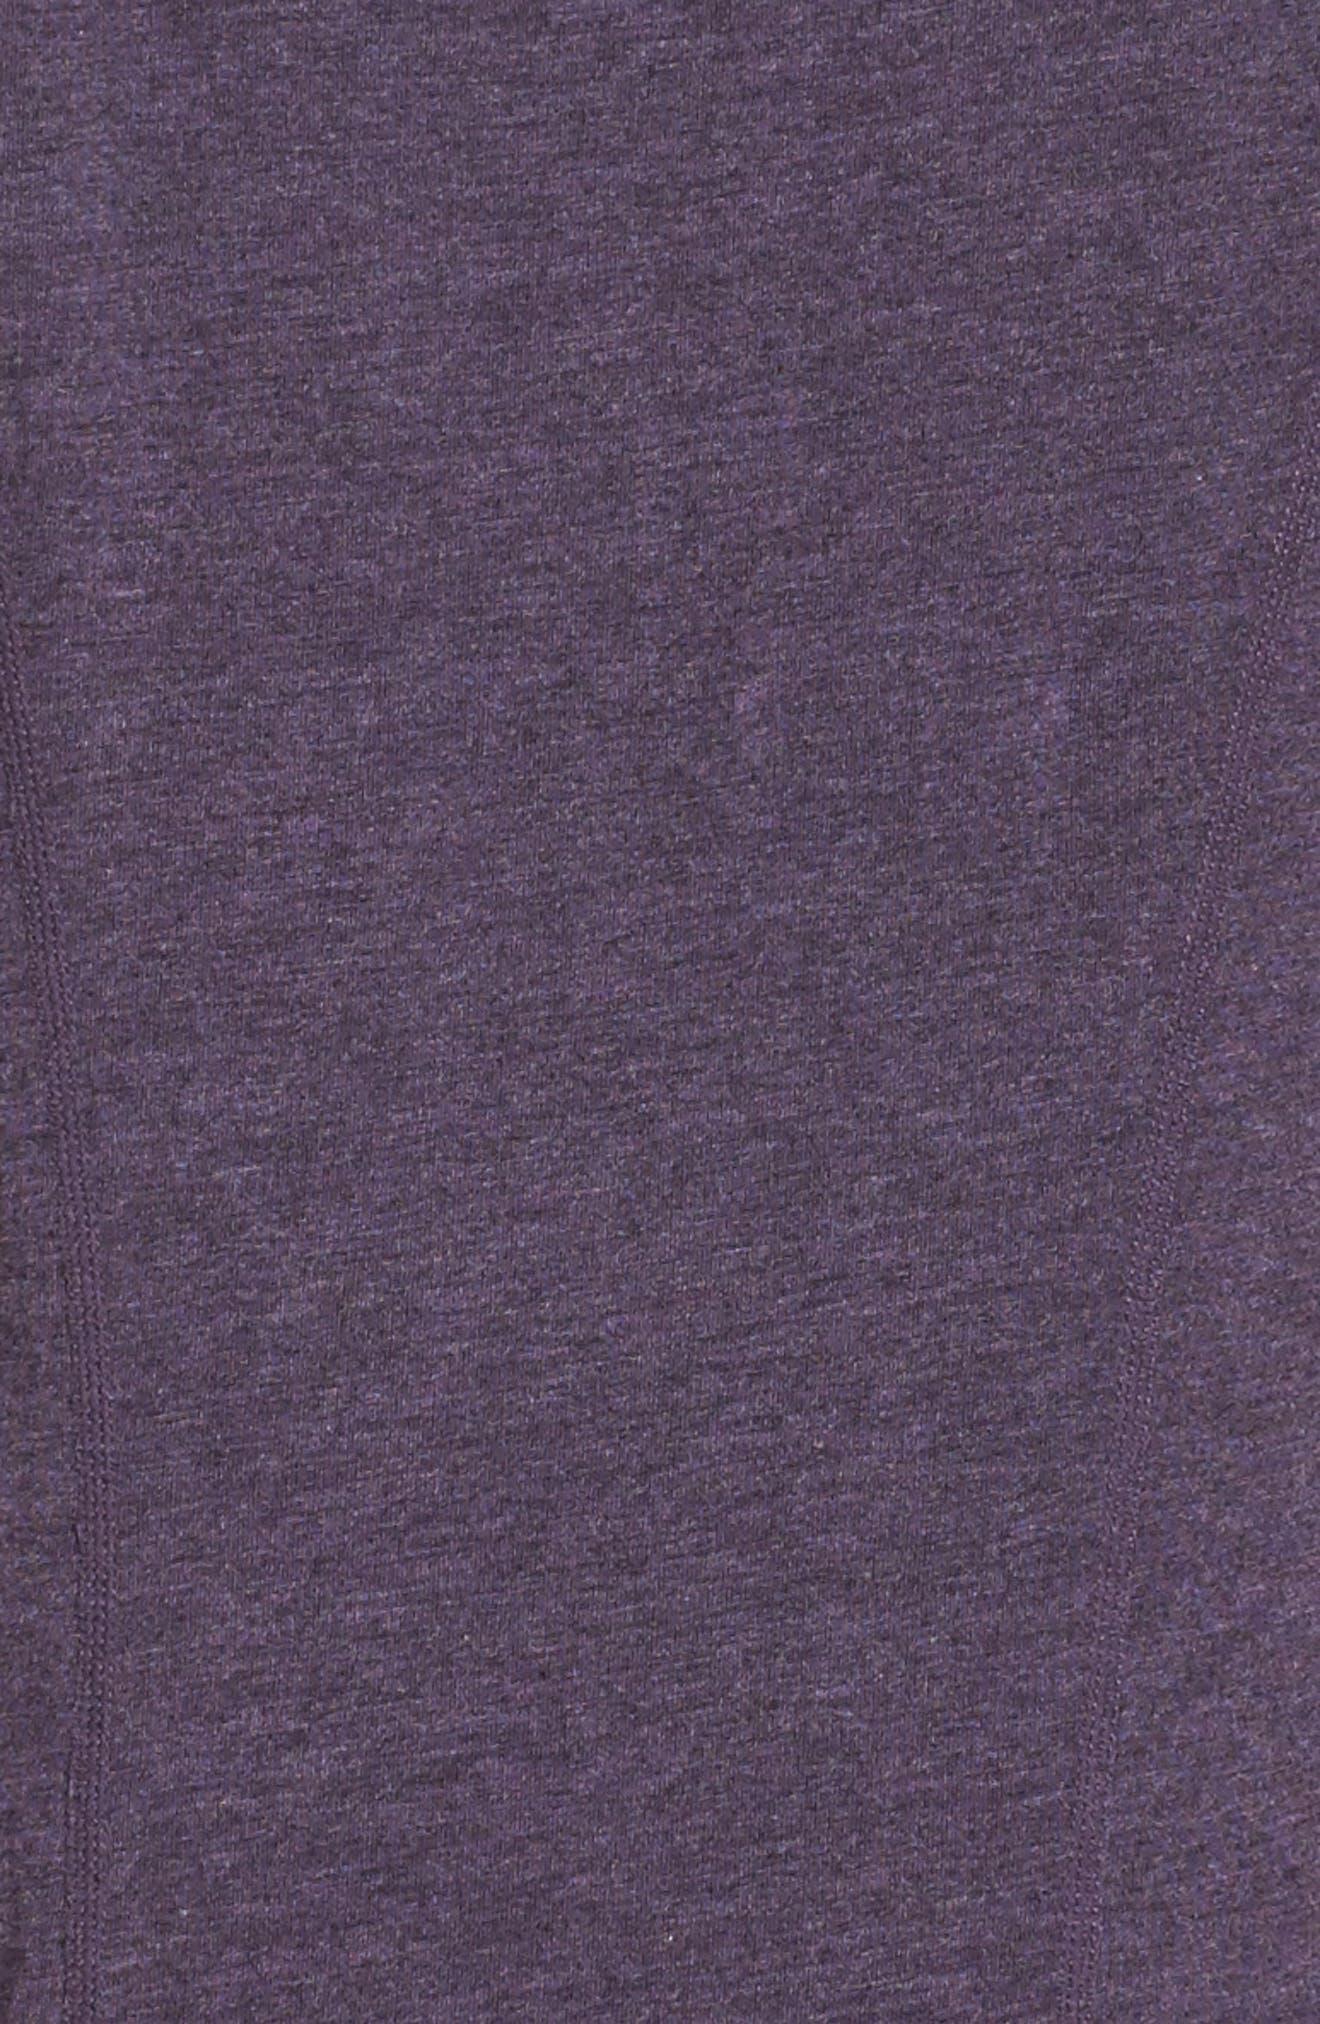 'Siesta' Studio Tee,                             Alternate thumbnail 6, color,                             Purple Plum Heather